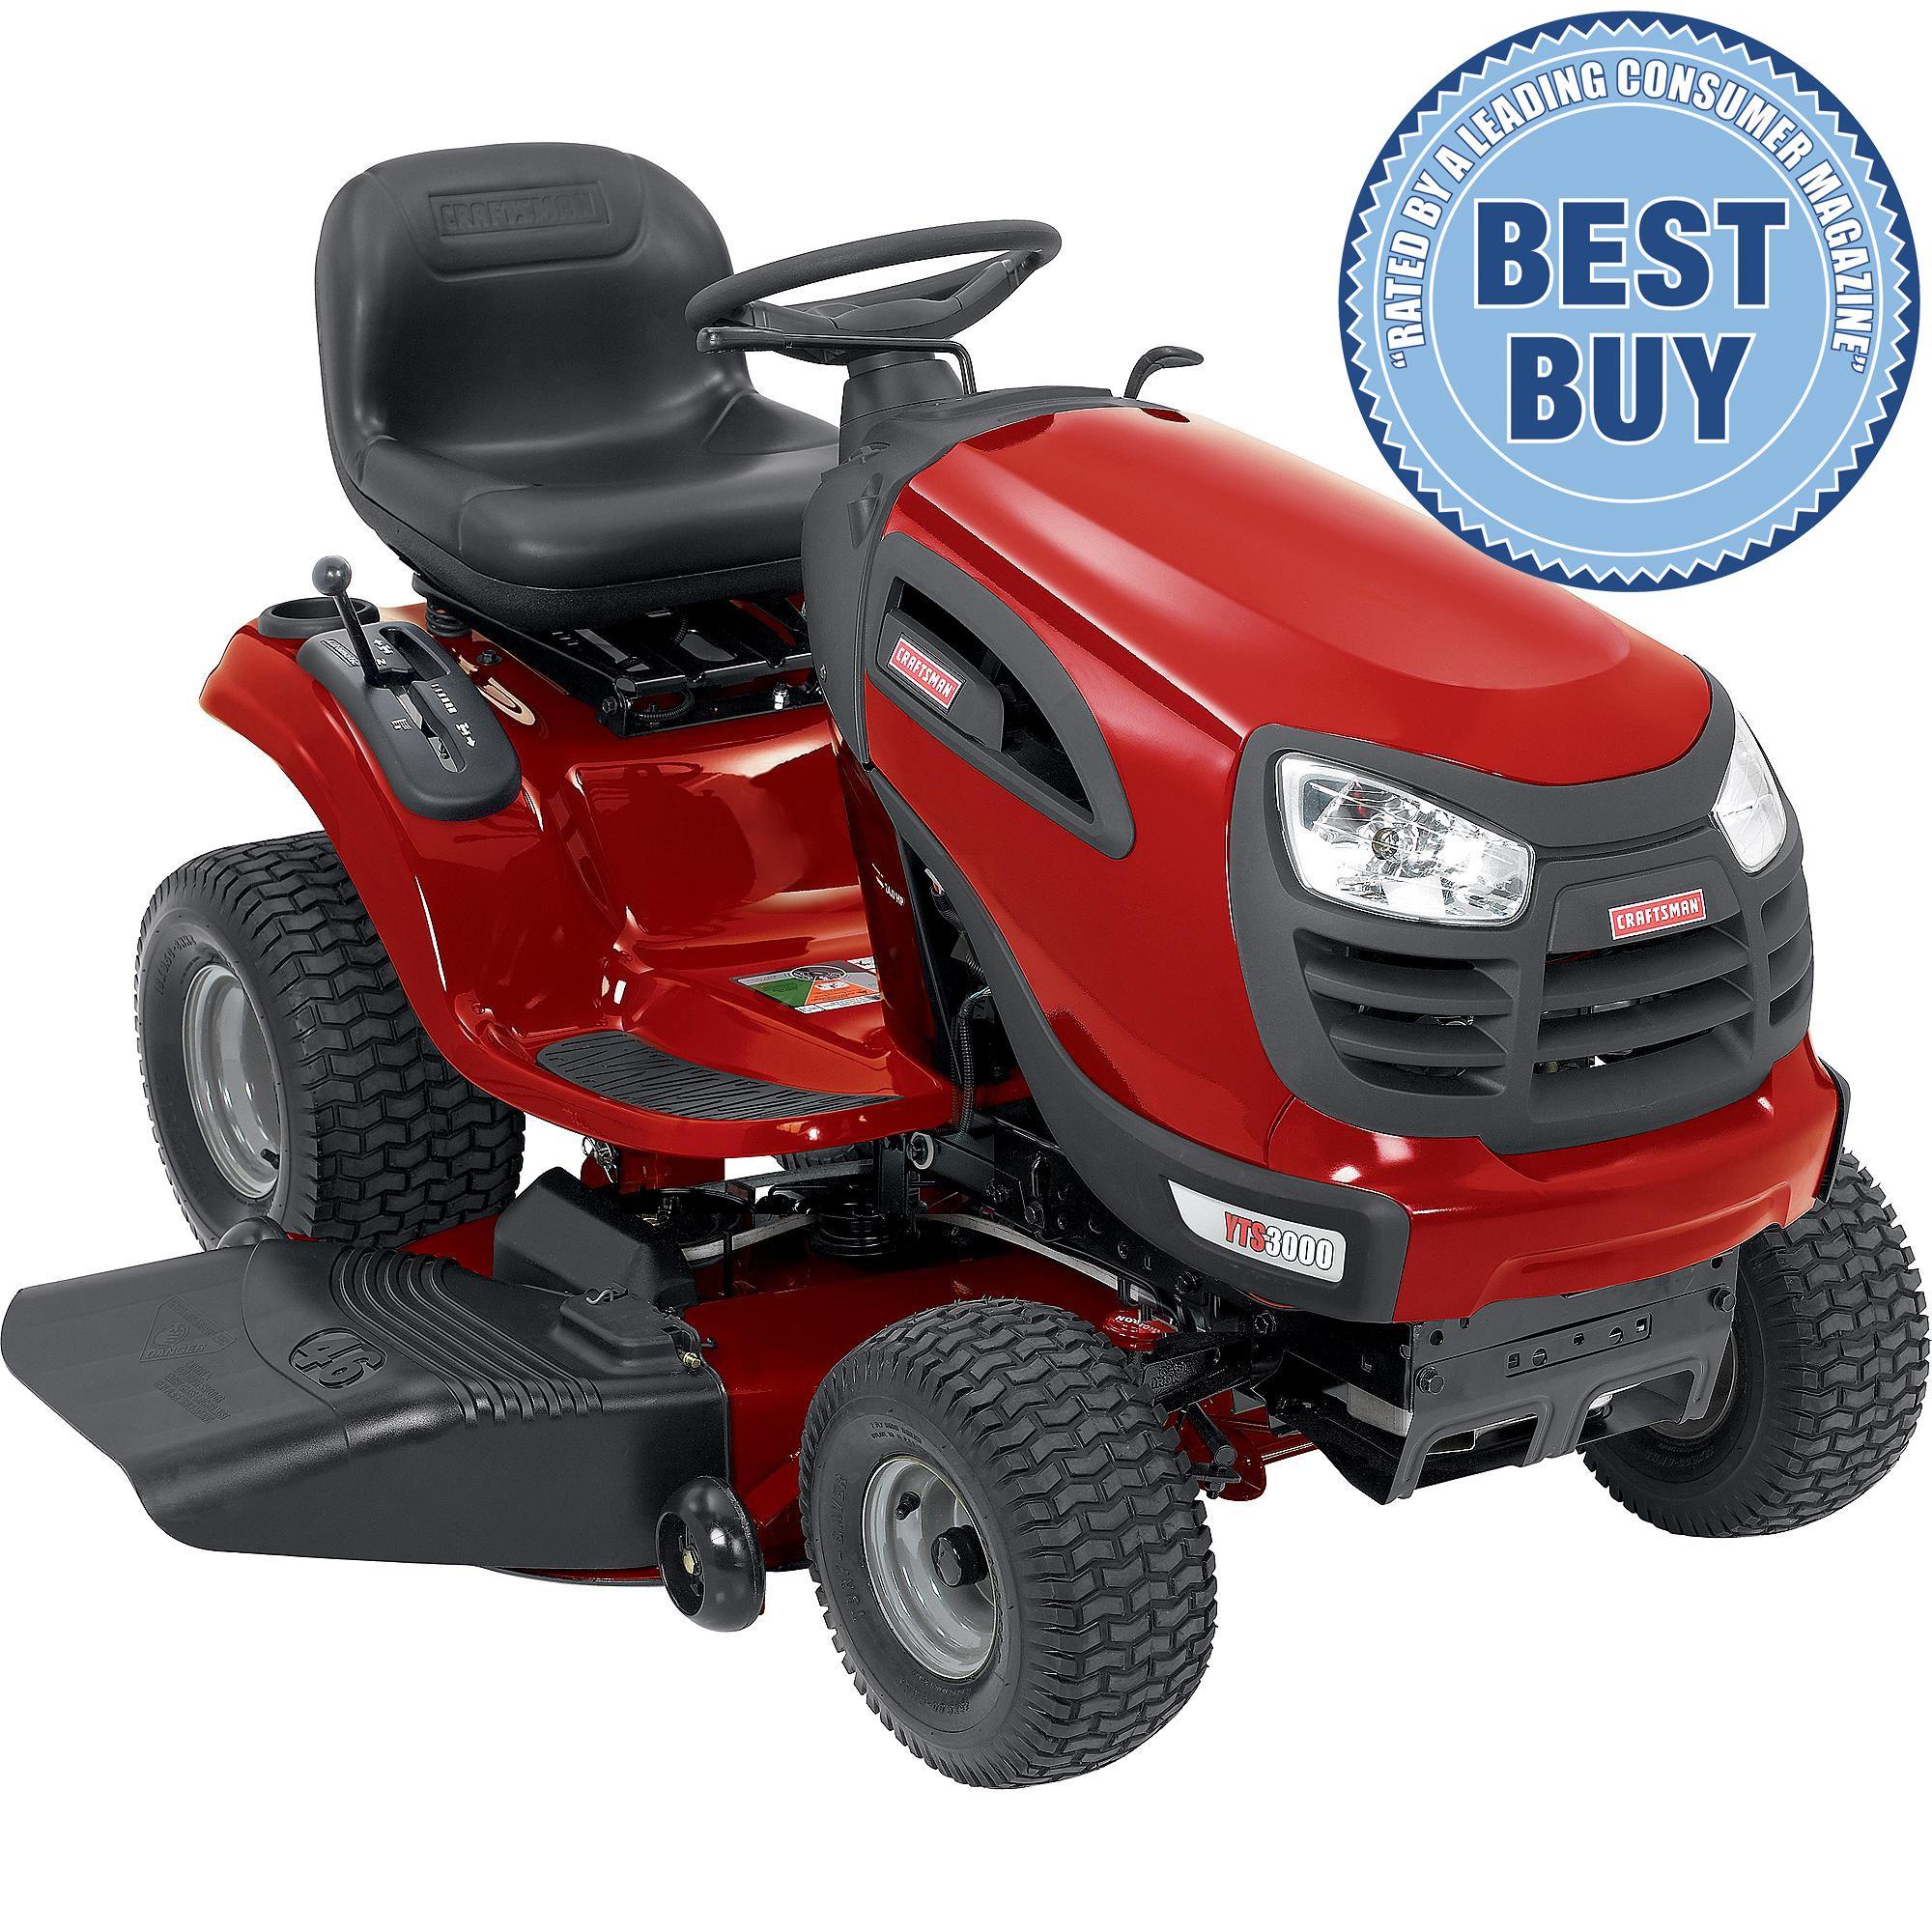 craftsman model 917289240 lawn tractor genuine parts rh searspartsdirect com craftsman gt5000 garden tractor parts craftsman [ 2000 x 2000 Pixel ]